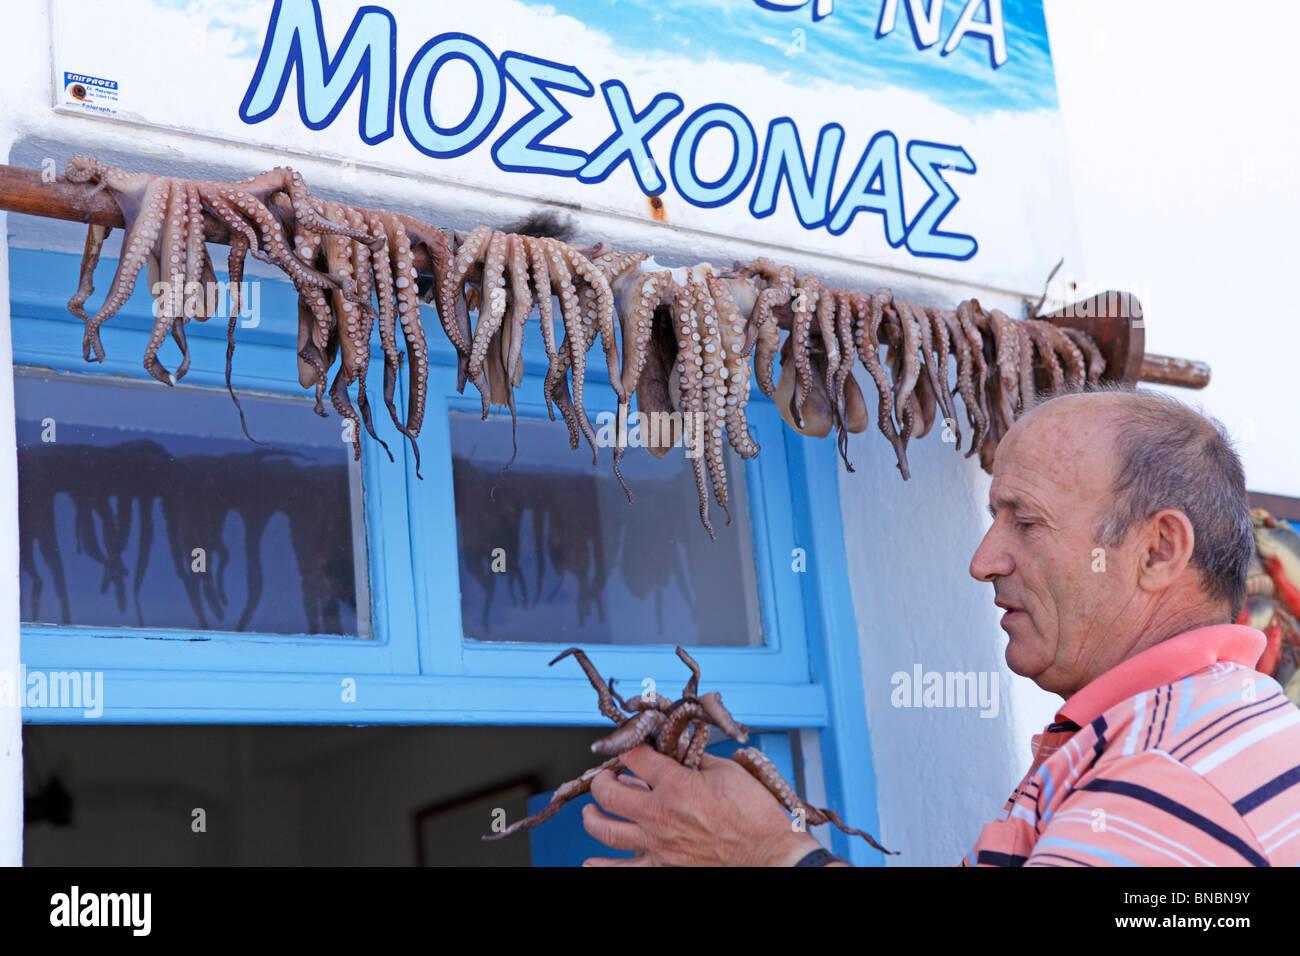 Un homme accroché calamari jusqu'à sec, Naoussa, île de Paros, Cyclades, Mer Égée, Grèce Banque D'Images